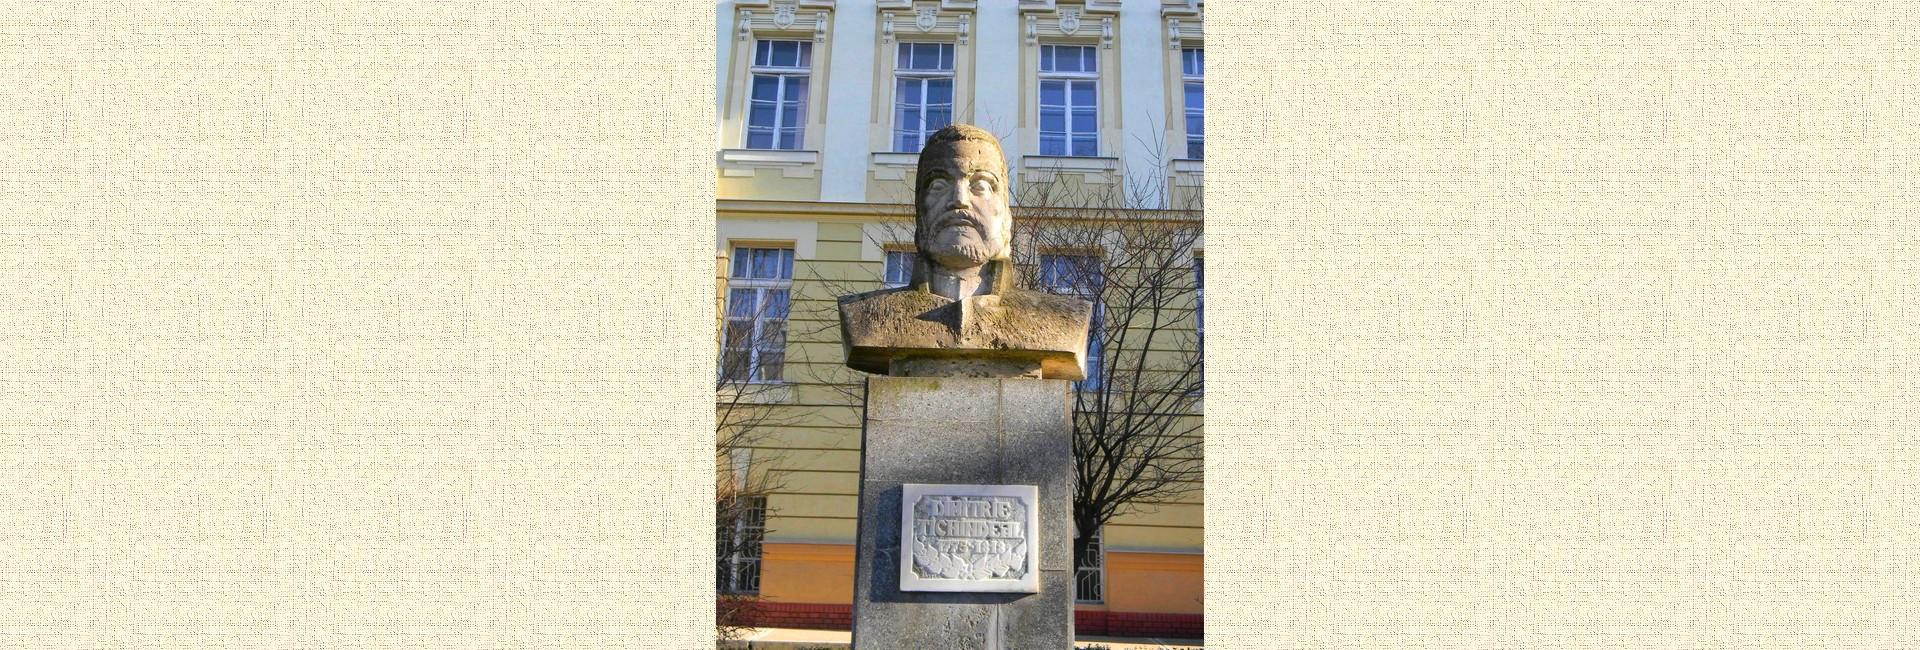 istorie literară Dimitrie Ţichindeal fondator prima şcoală pedagogică românească Banat slider